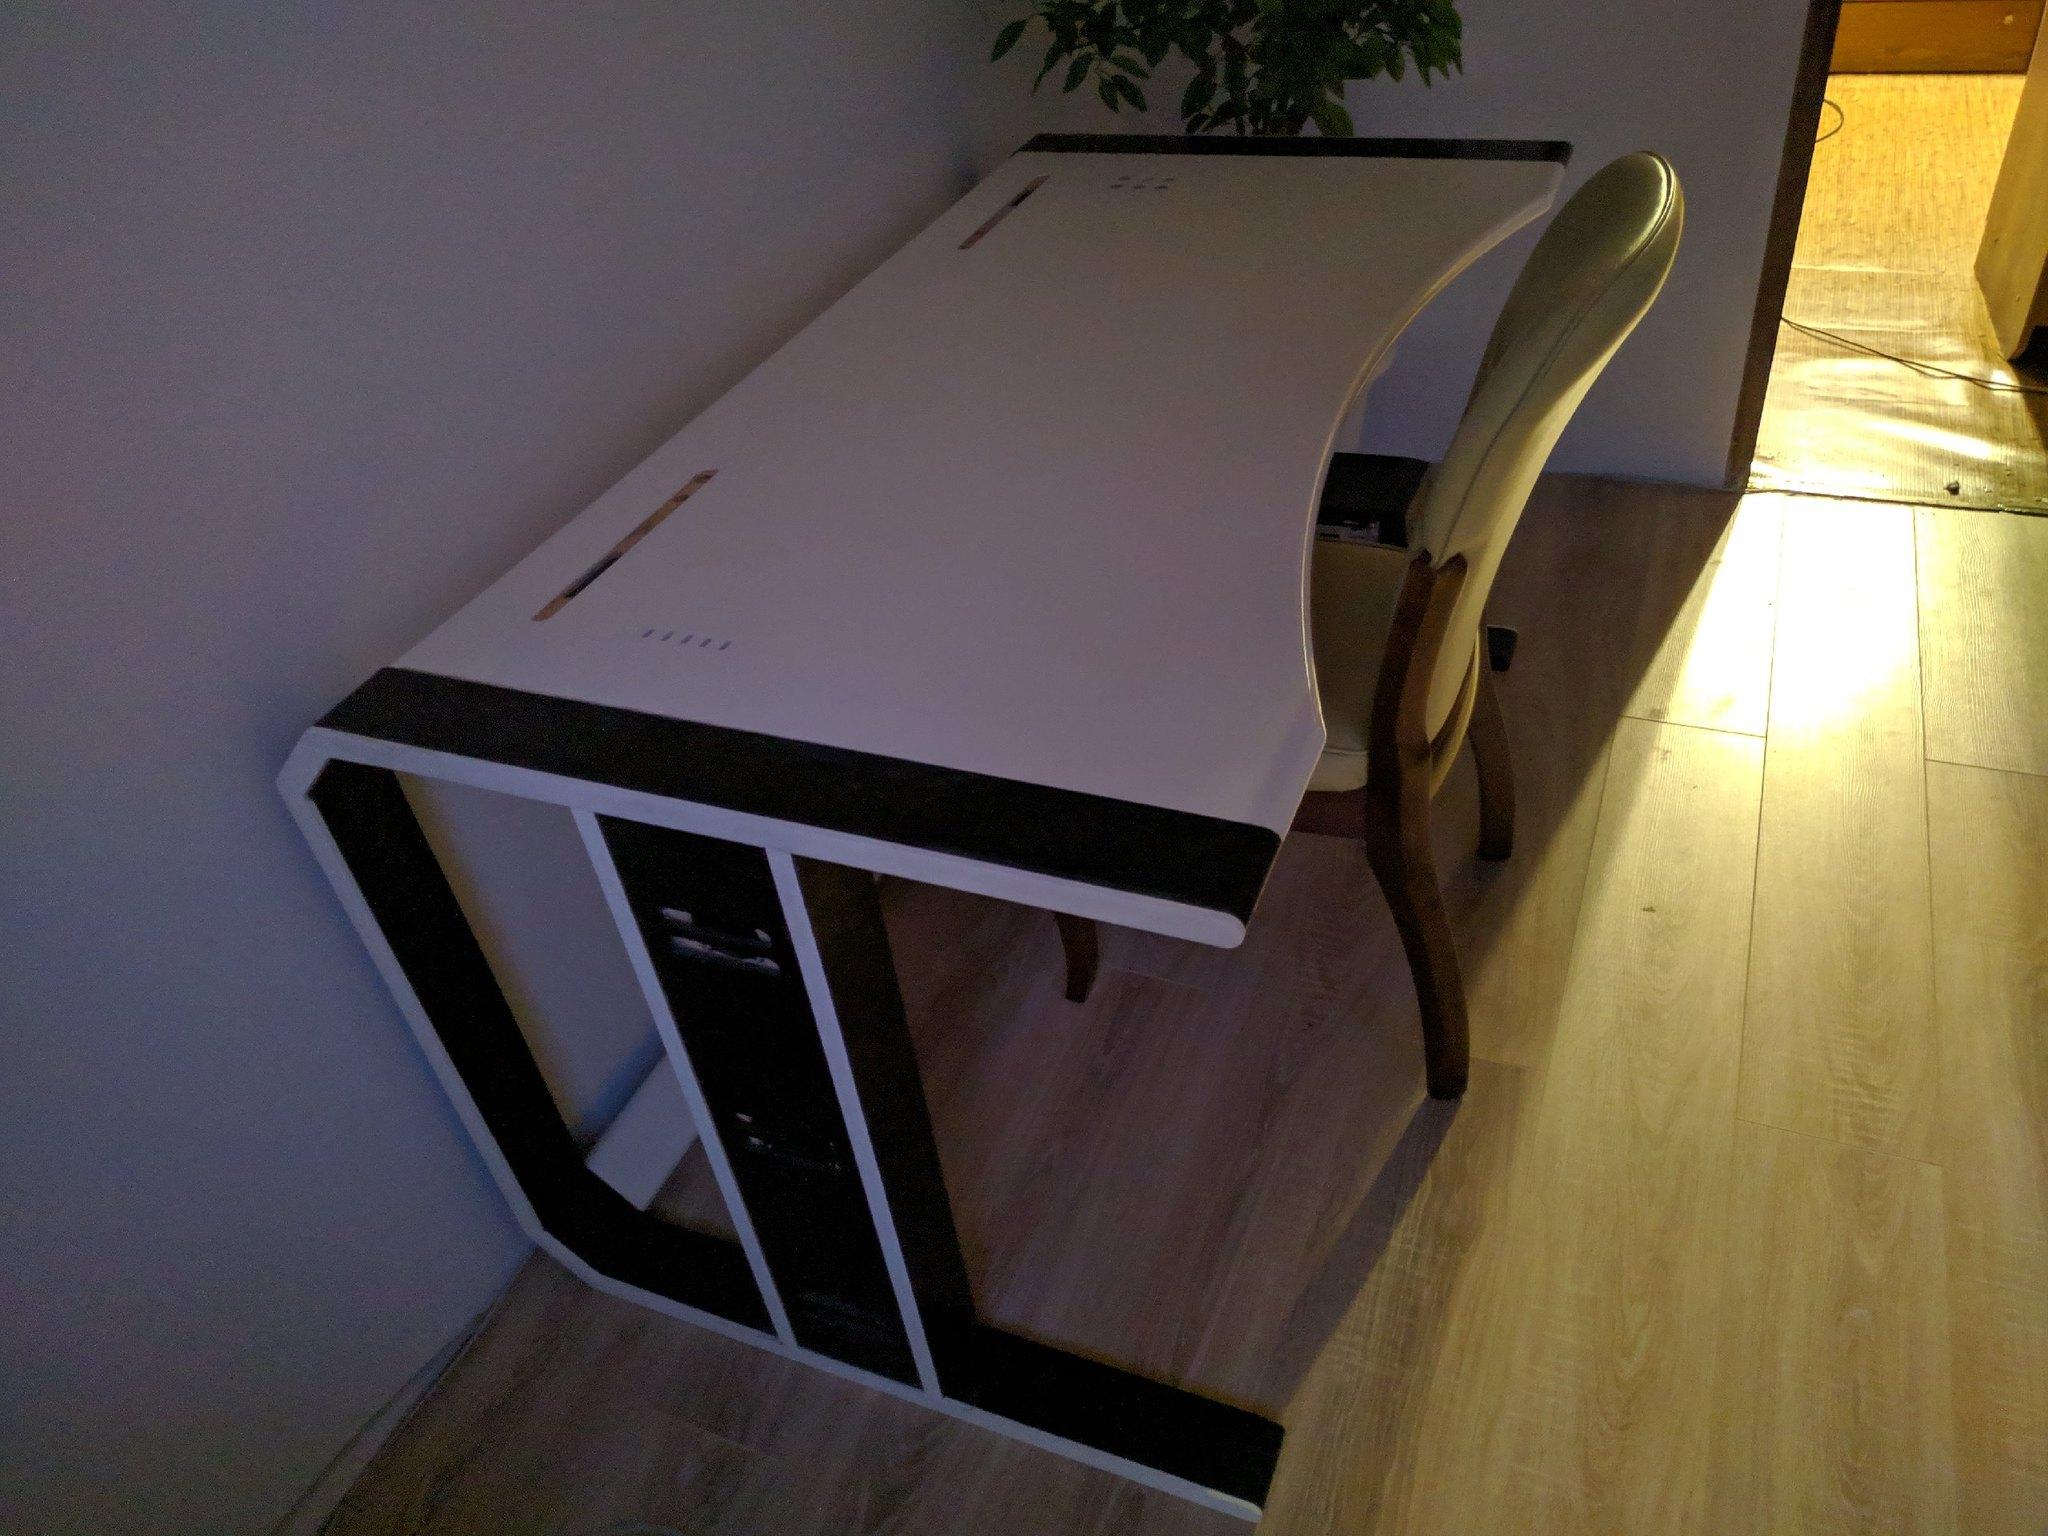 Как я 2 года проектировал самый технологичный компьютерный стол стоимостью 100 тысяч рублей